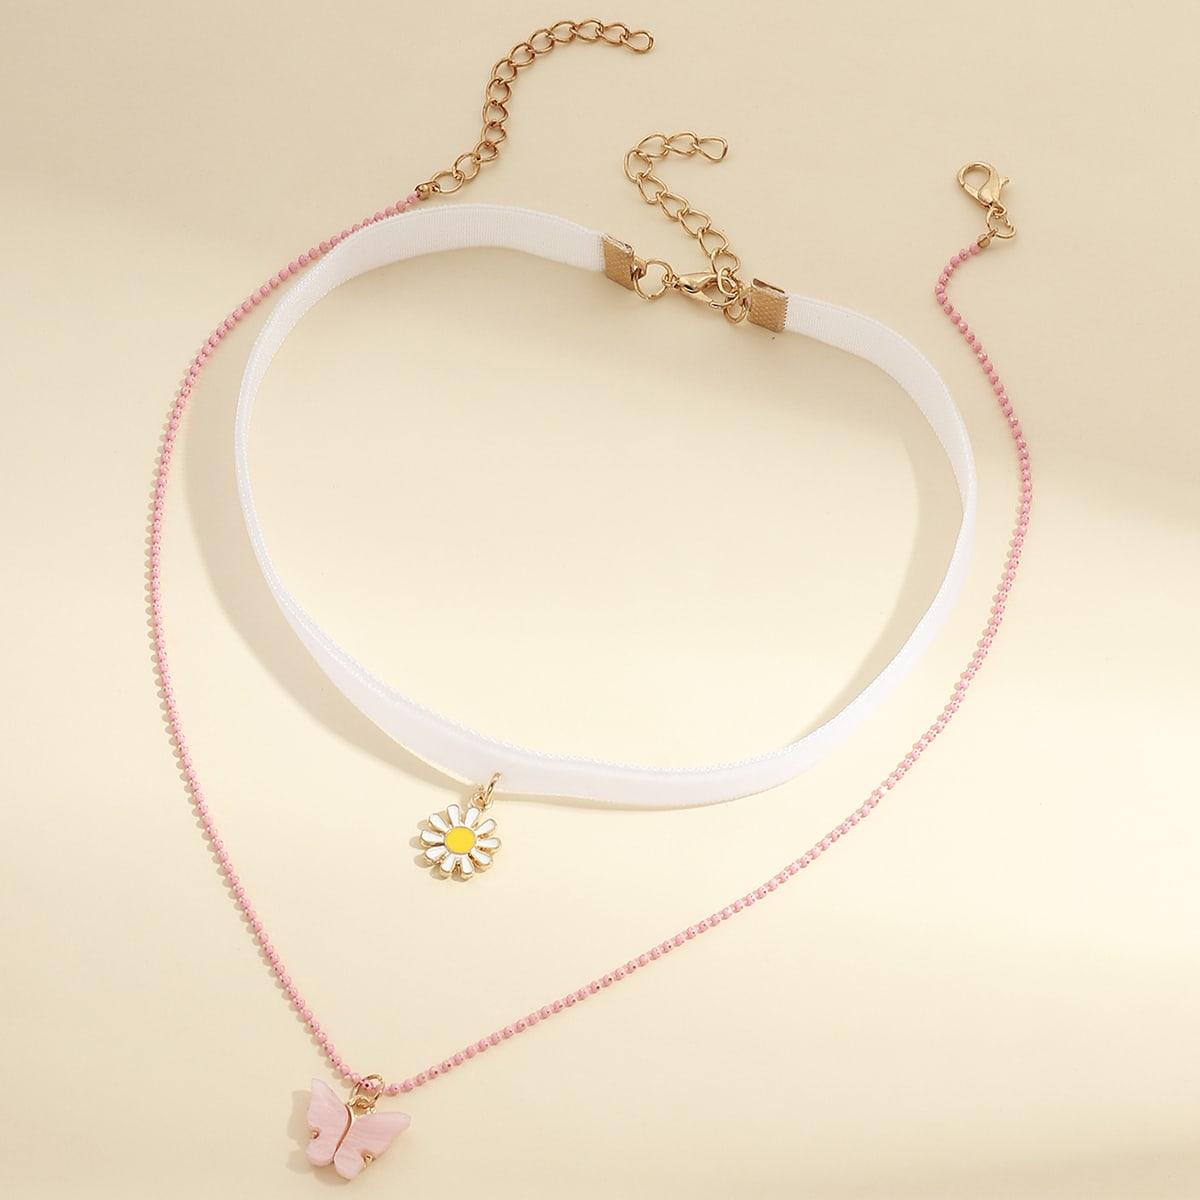 SHEIN / 2 Stücke Mädchen Halskette mit Schmetterling & Gänseblümchen Anhänger